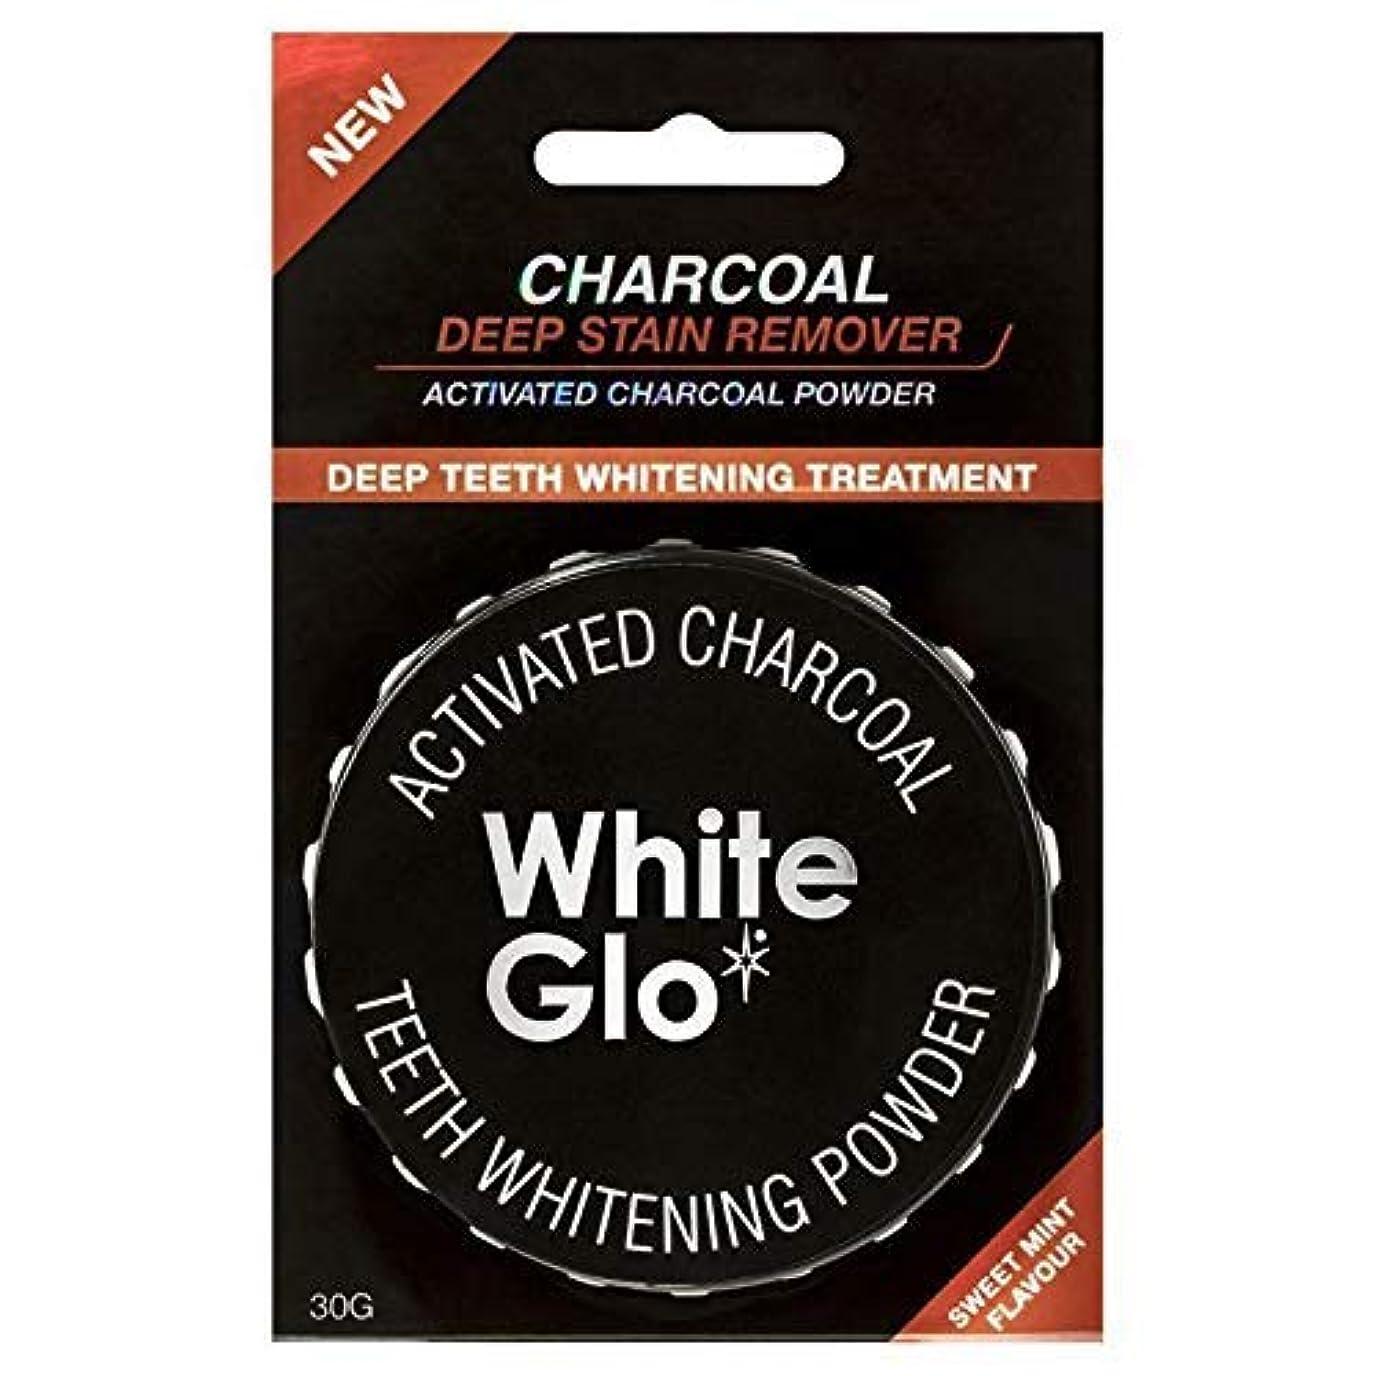 超音速国家ベーリング海峡Teeth Whitening Systems White Glo Activated Charcoal Teeth Whitening Powder 30g Australia / システムを白くする歯を白くする歯の粉...